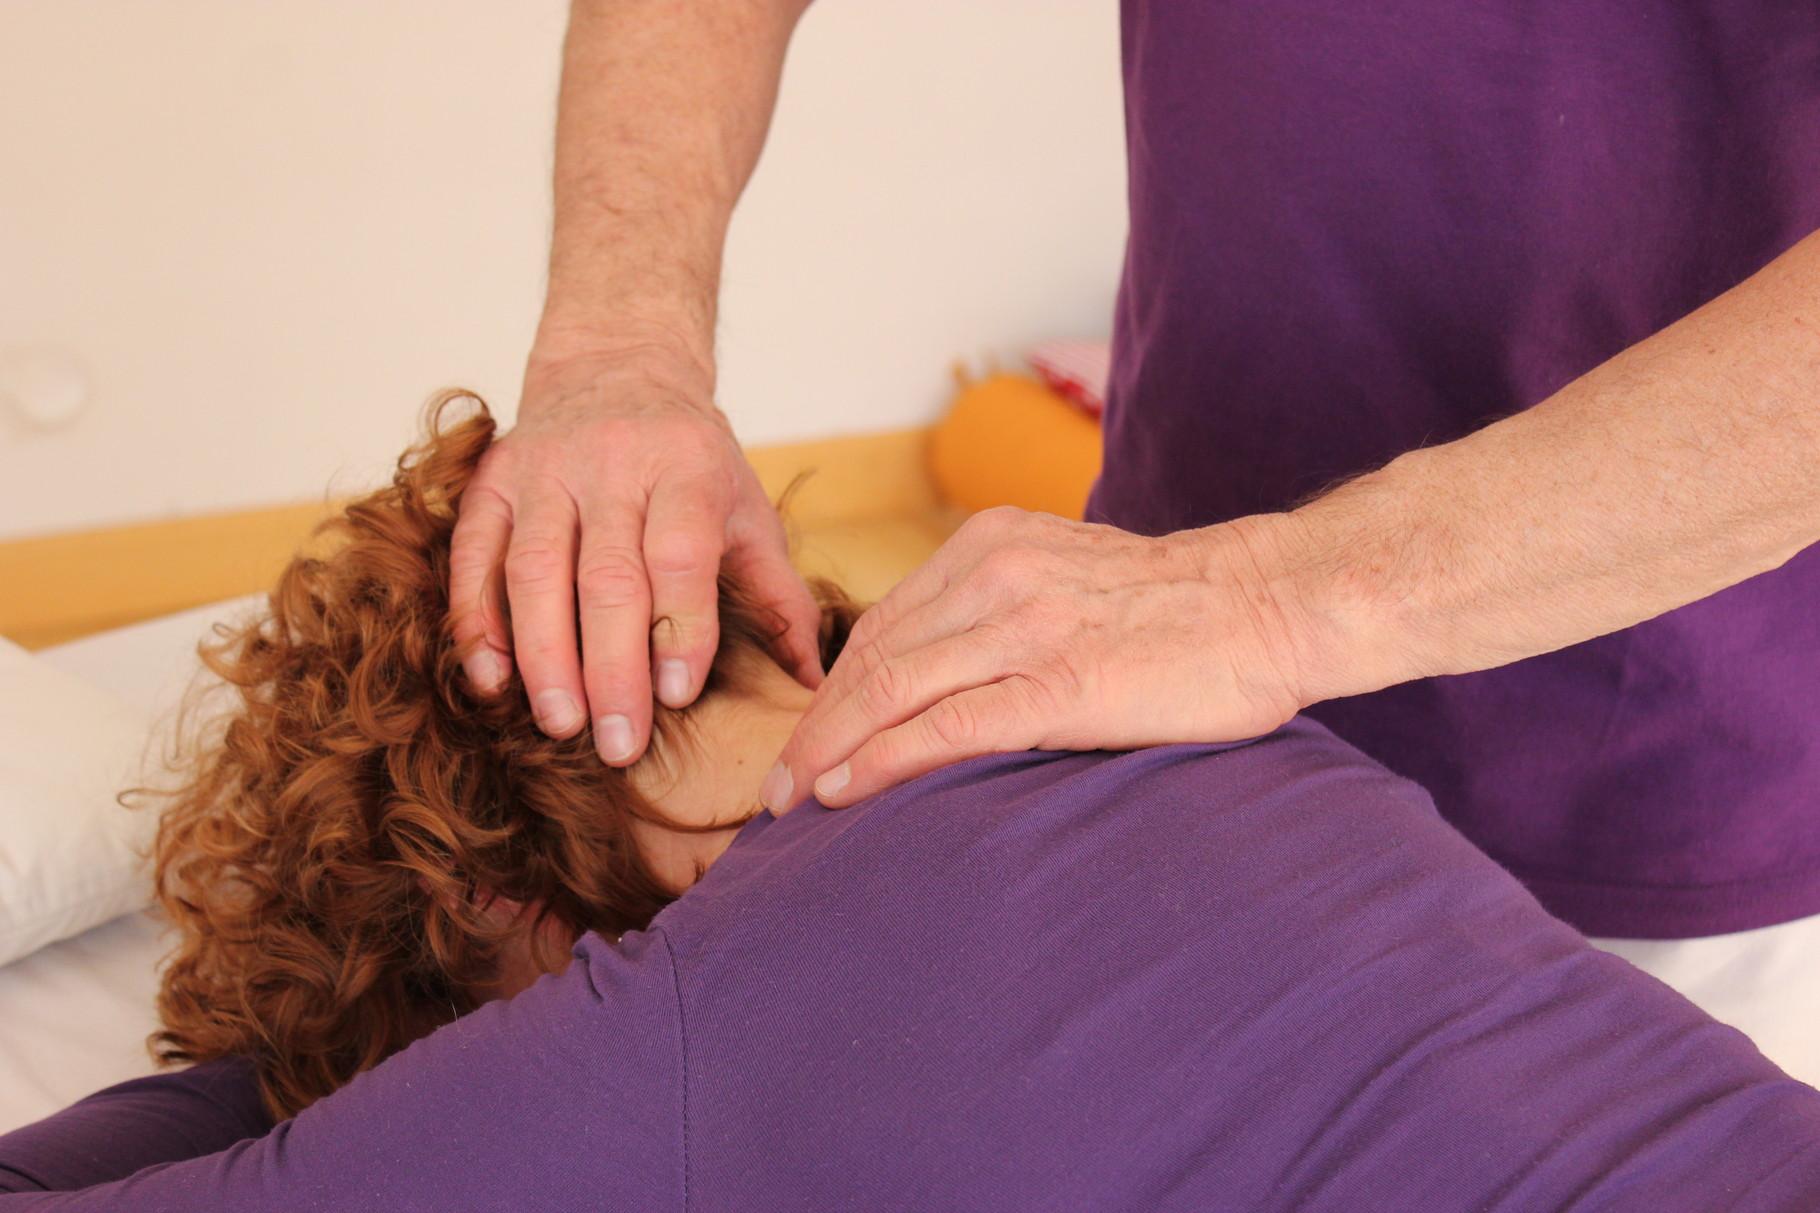 L'élongation du cou en jouant avec l'élasticité